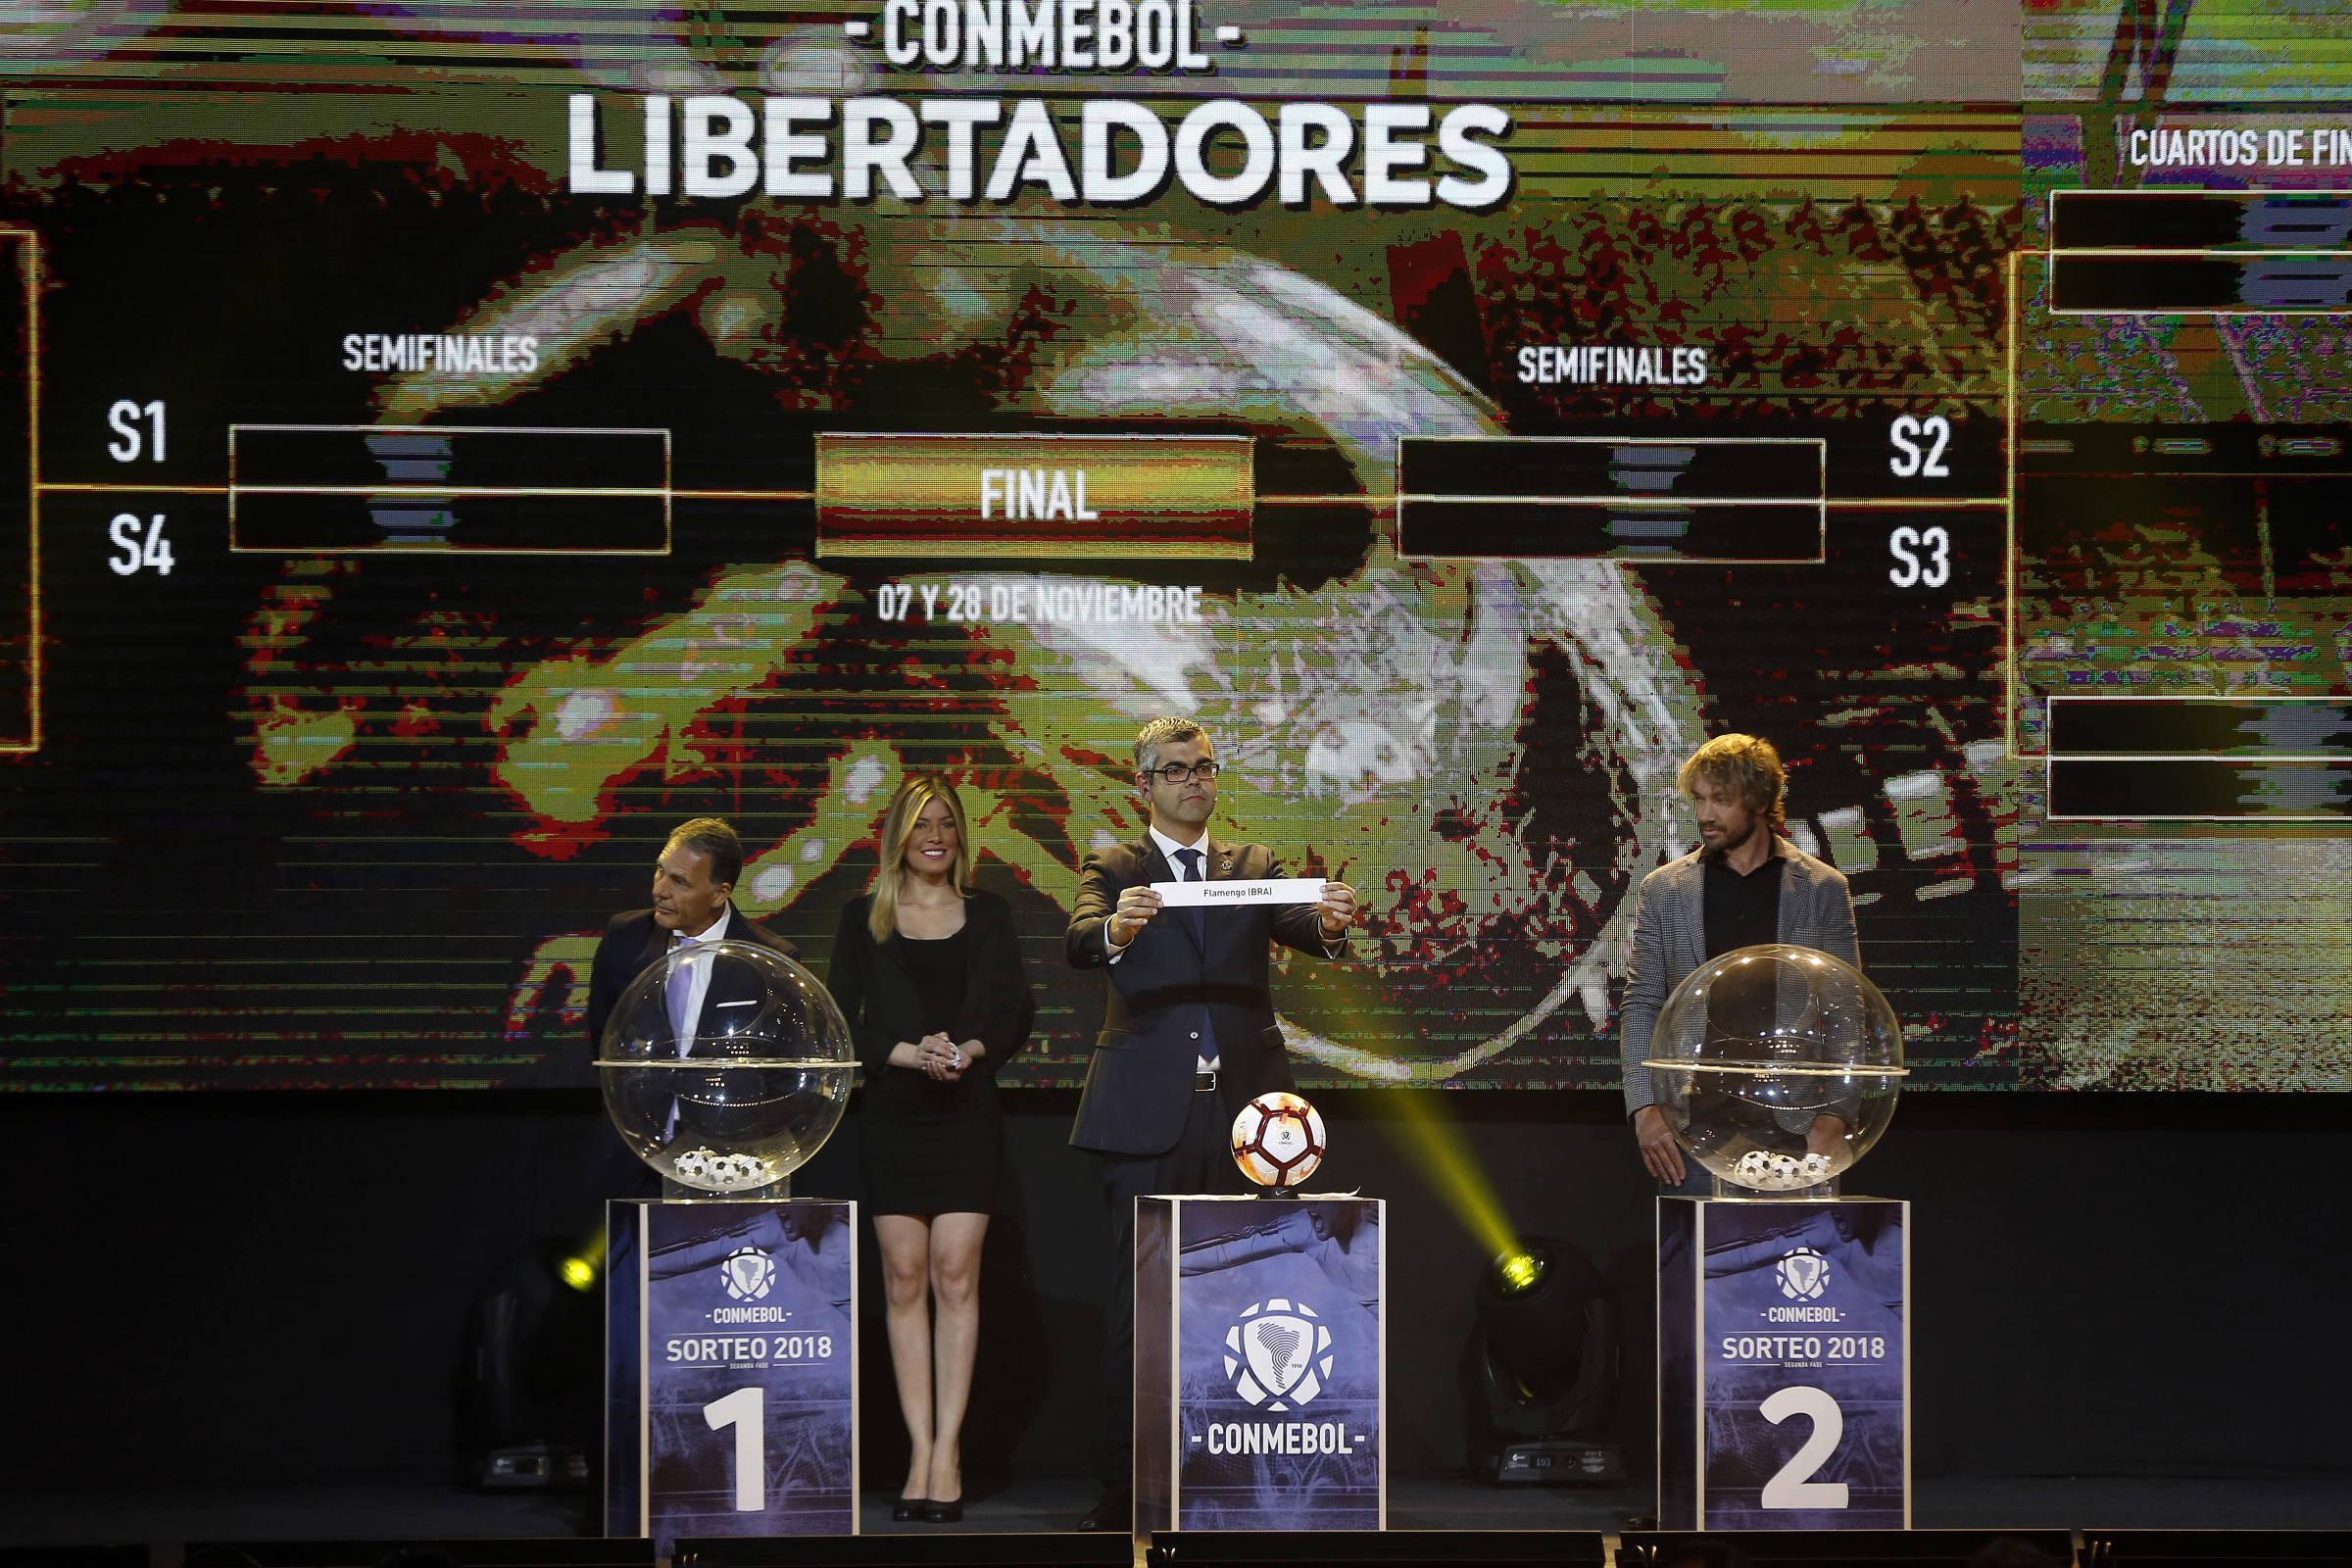 b74a98b469 Brasil e Argentina só serão sedes da final da Libertadores a partir de 2021  - 12 06 2018 - Esporte - Folha